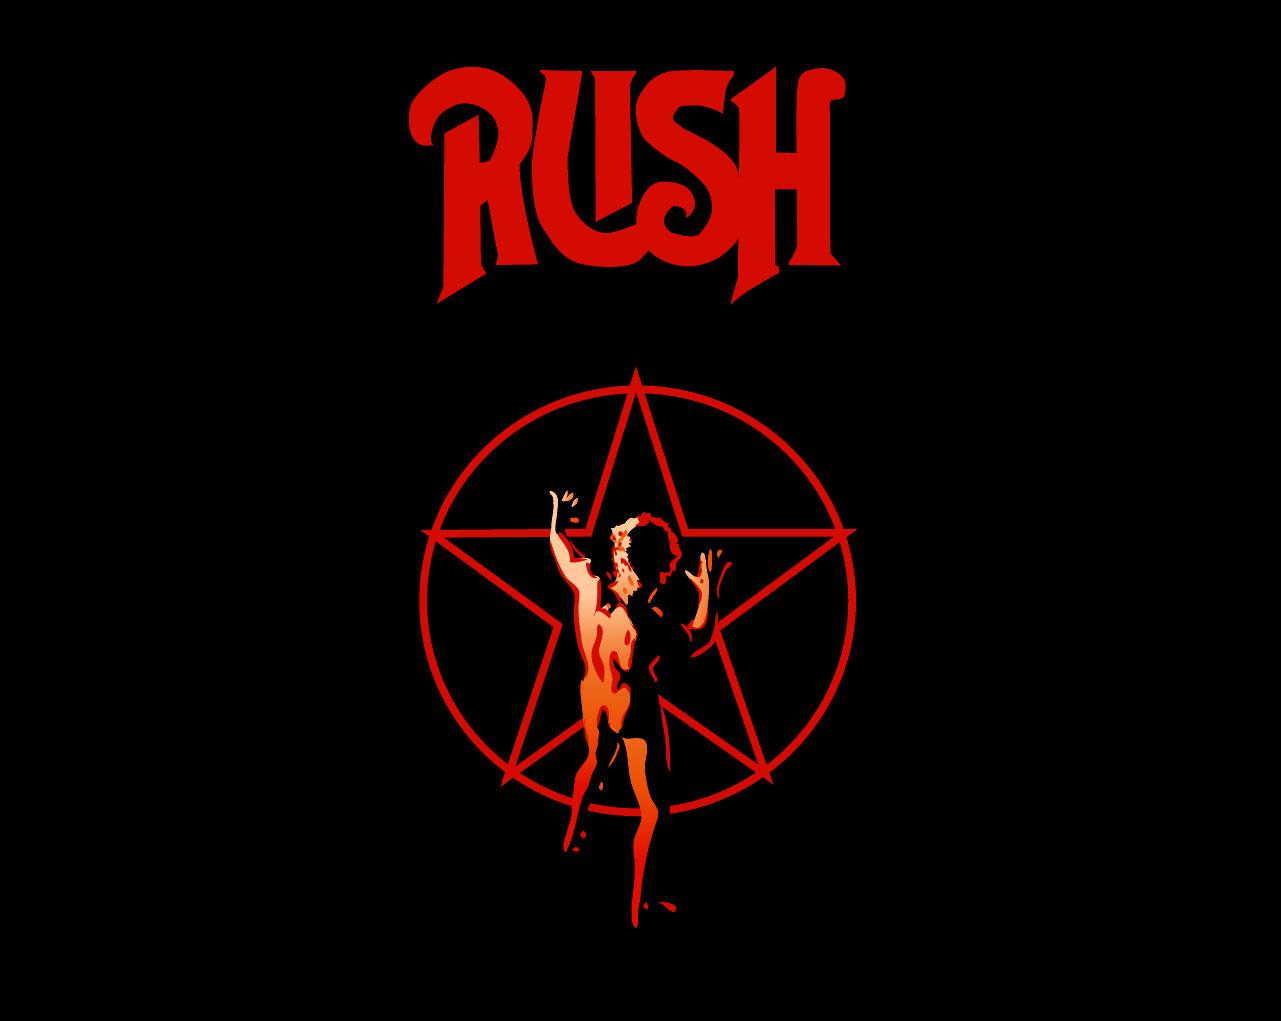 Rush Album Covers Wallpaper Rush by moomba2 1281x1021